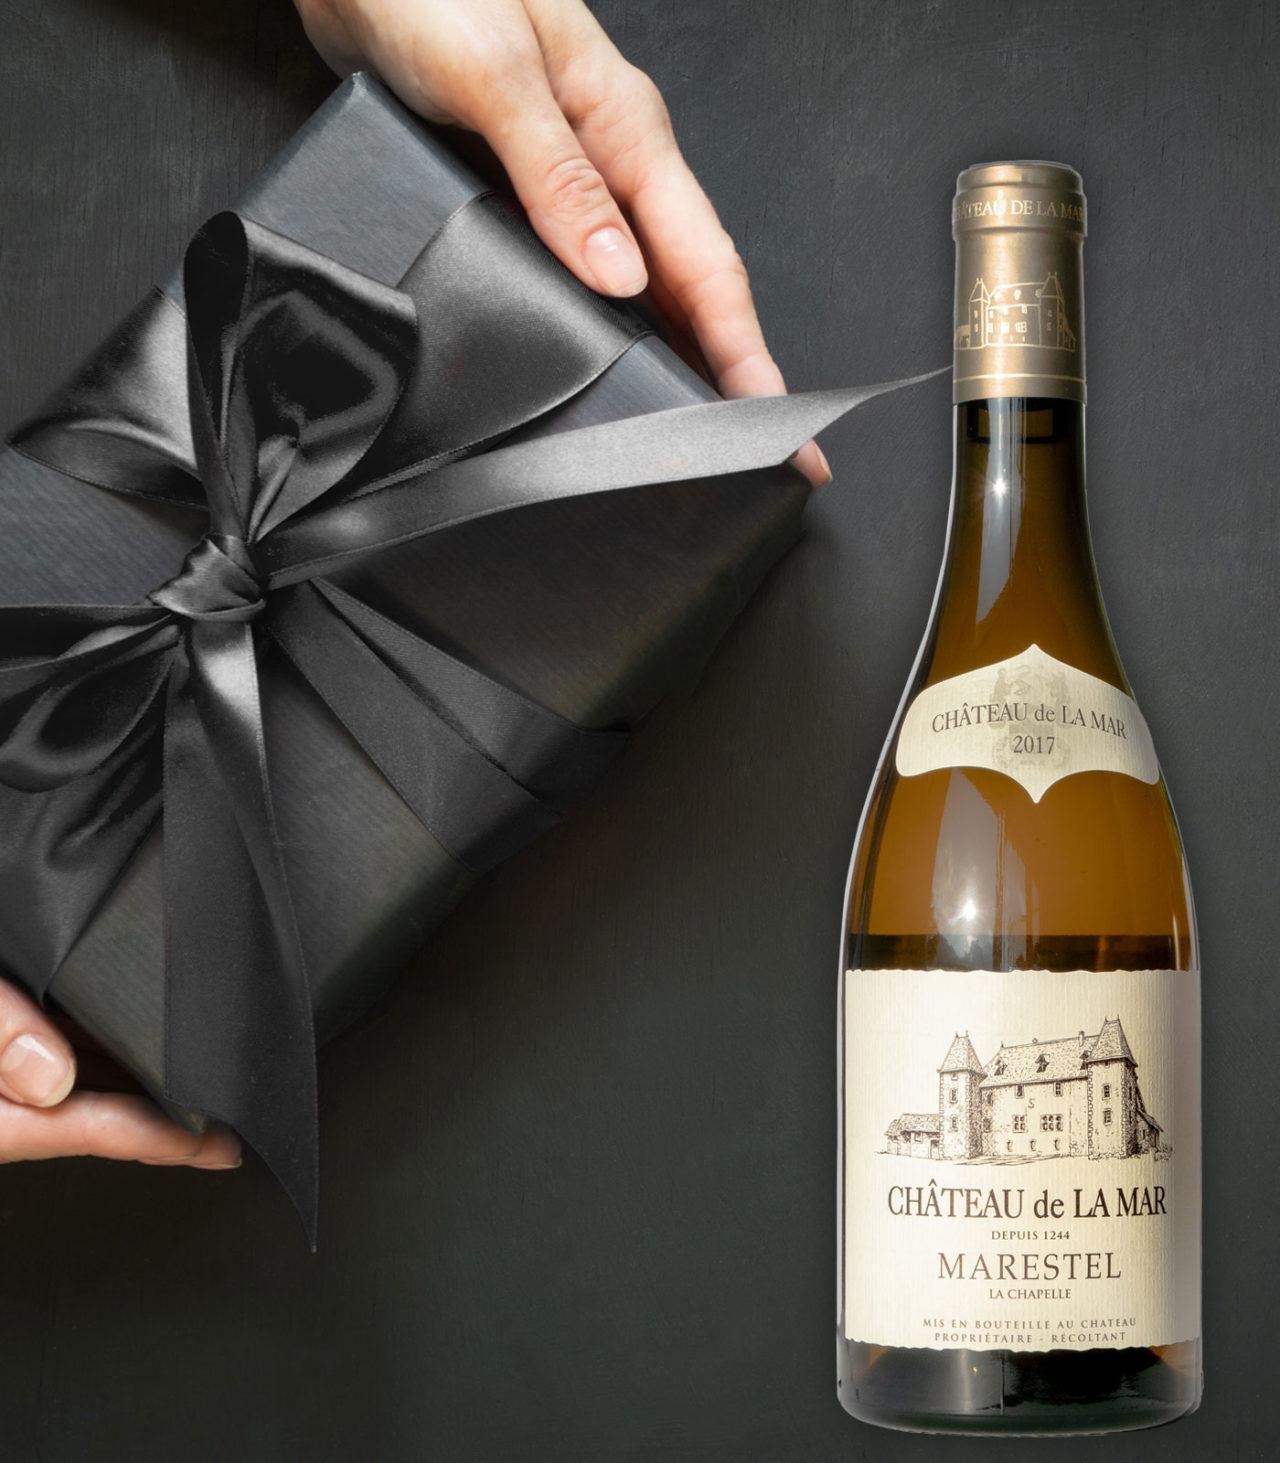 Cheque Cadeau vin Chateau de La Mar - Vins de Savoie